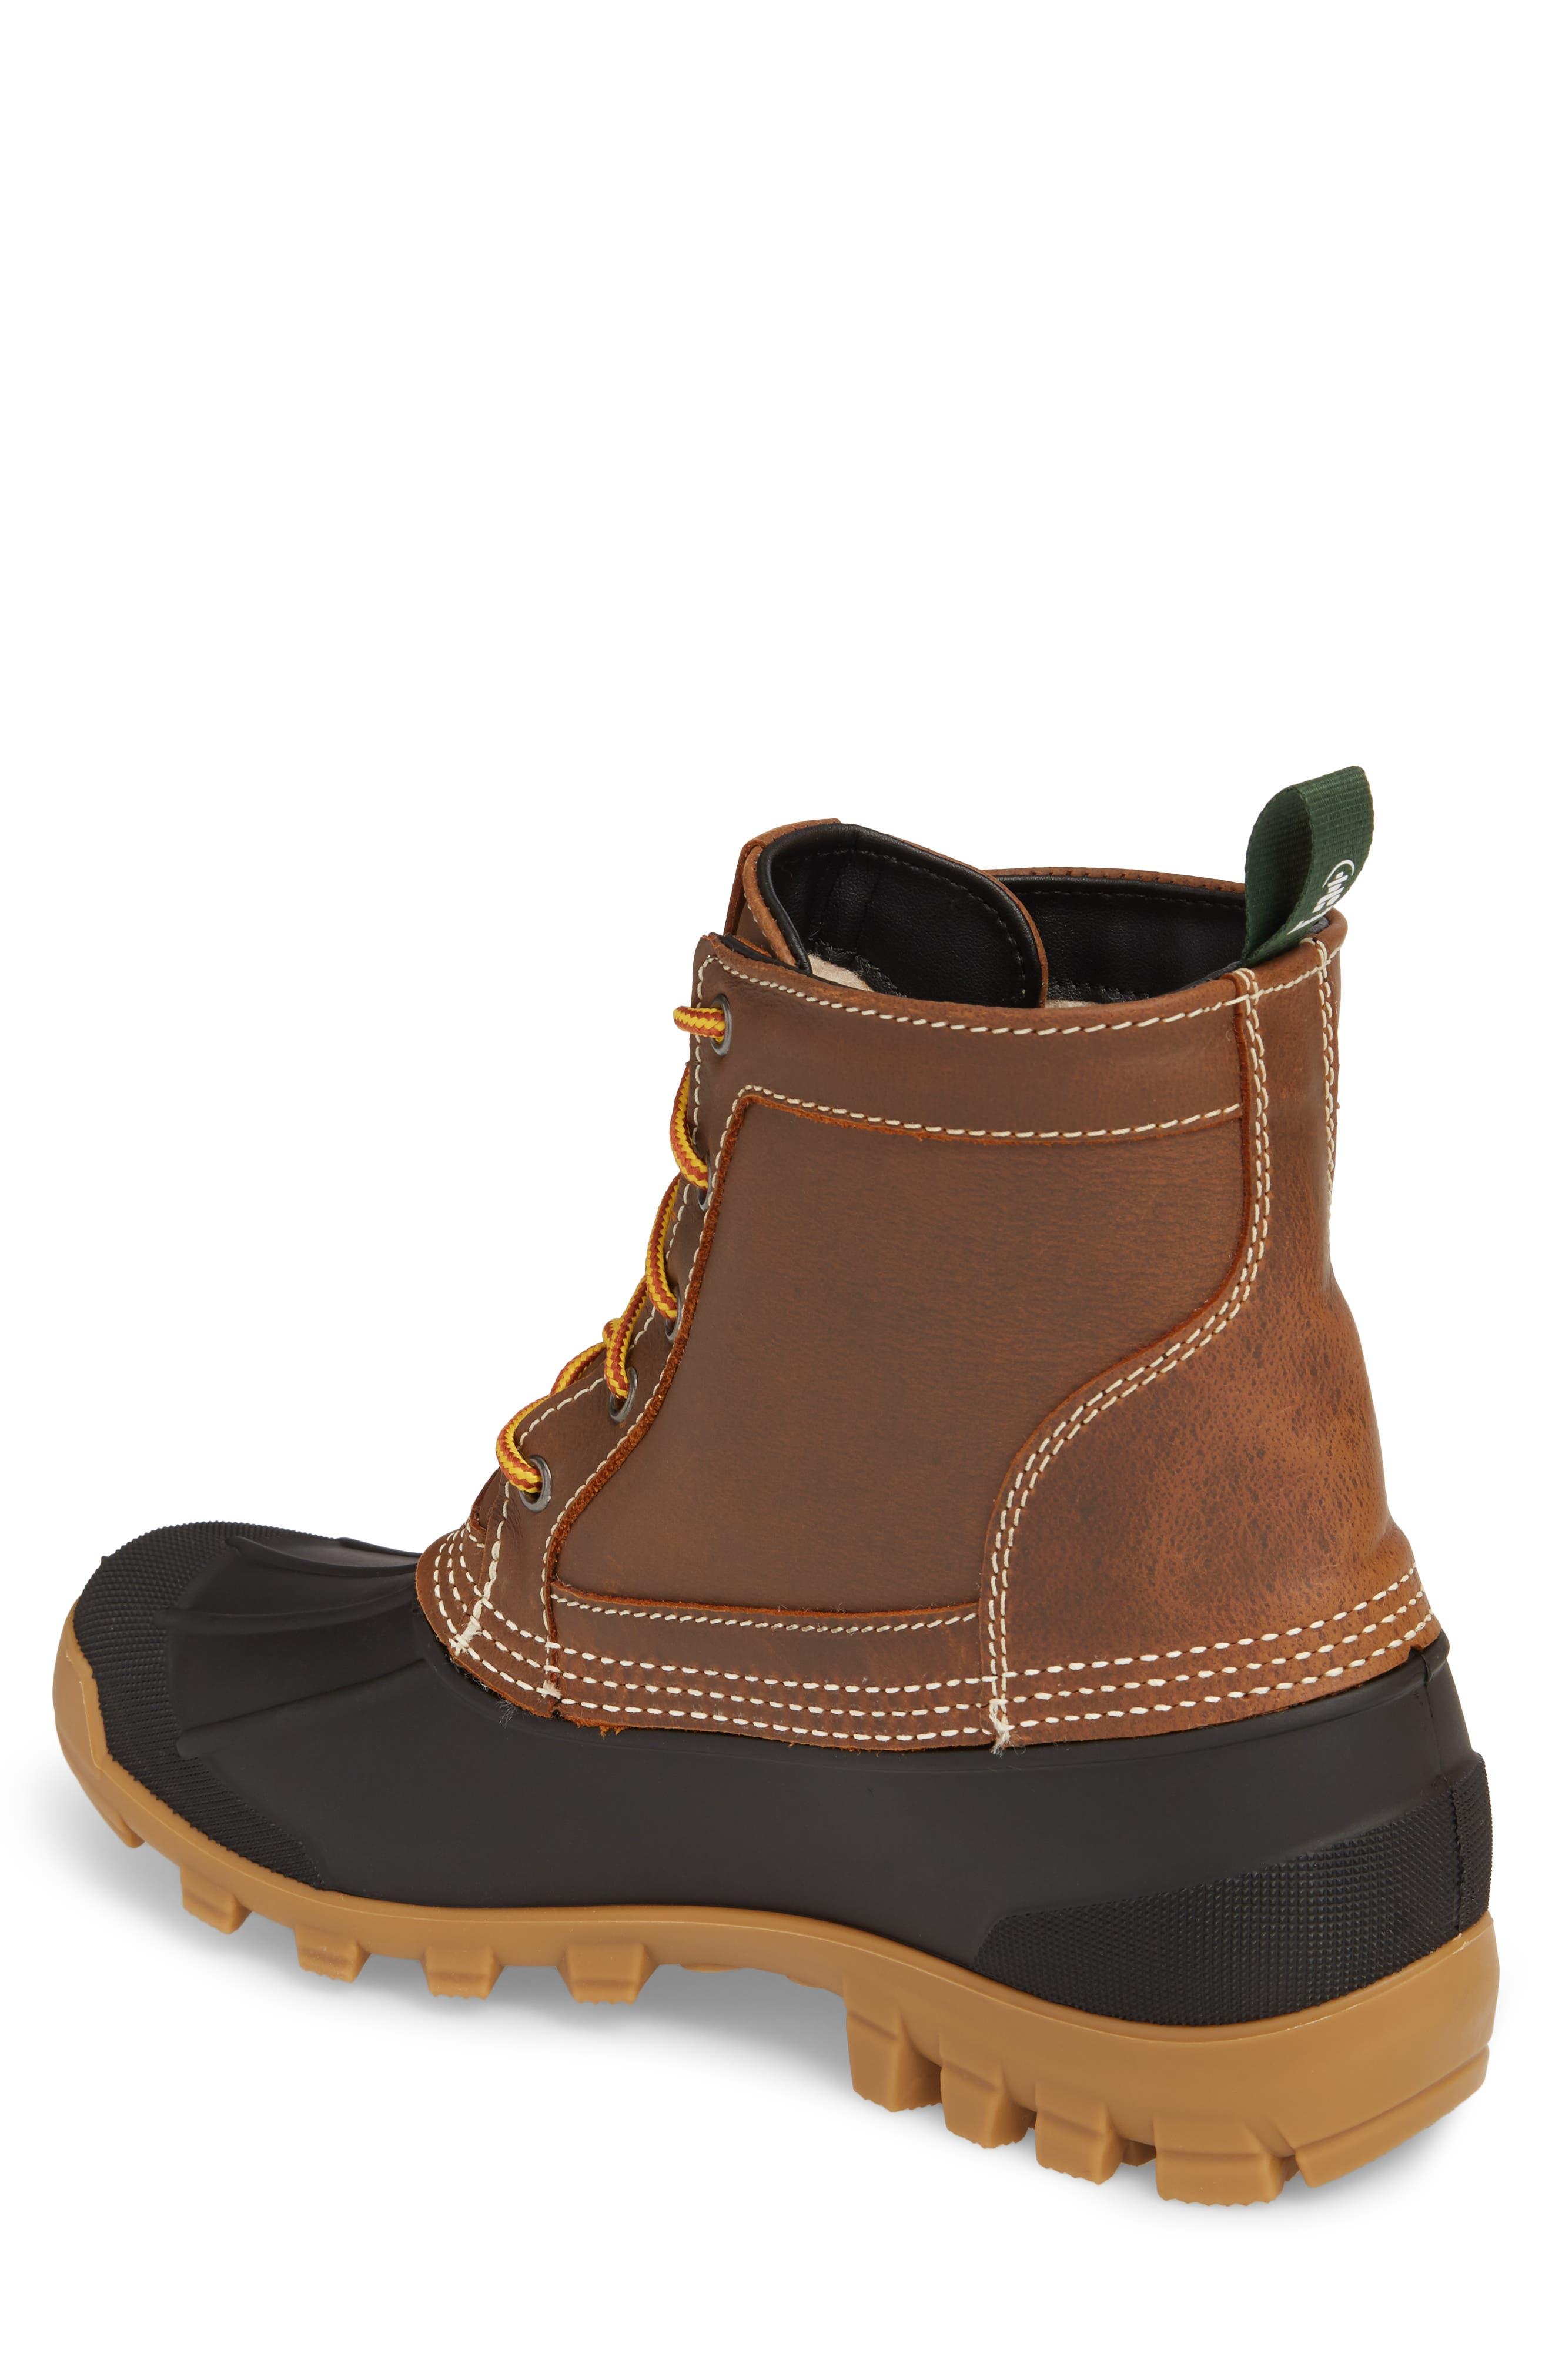 Alternate Image 2  - Kamik Yukon 5 Waterproof Insulated Three-Season Boot (Men)